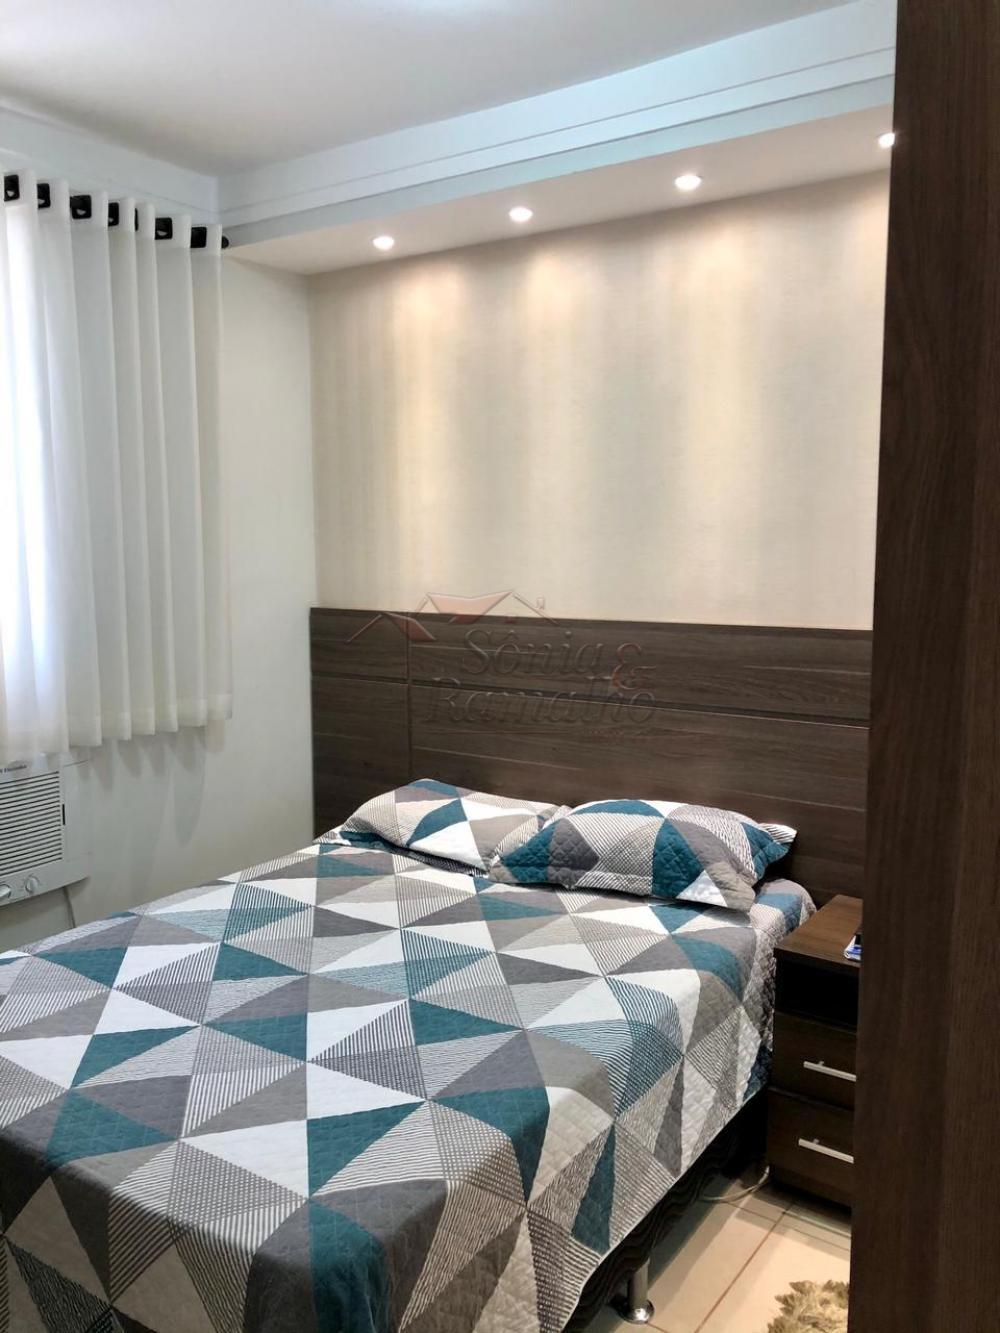 Comprar Apartamentos / Padrão em Ribeirão Preto R$ 229.000,00 - Foto 5